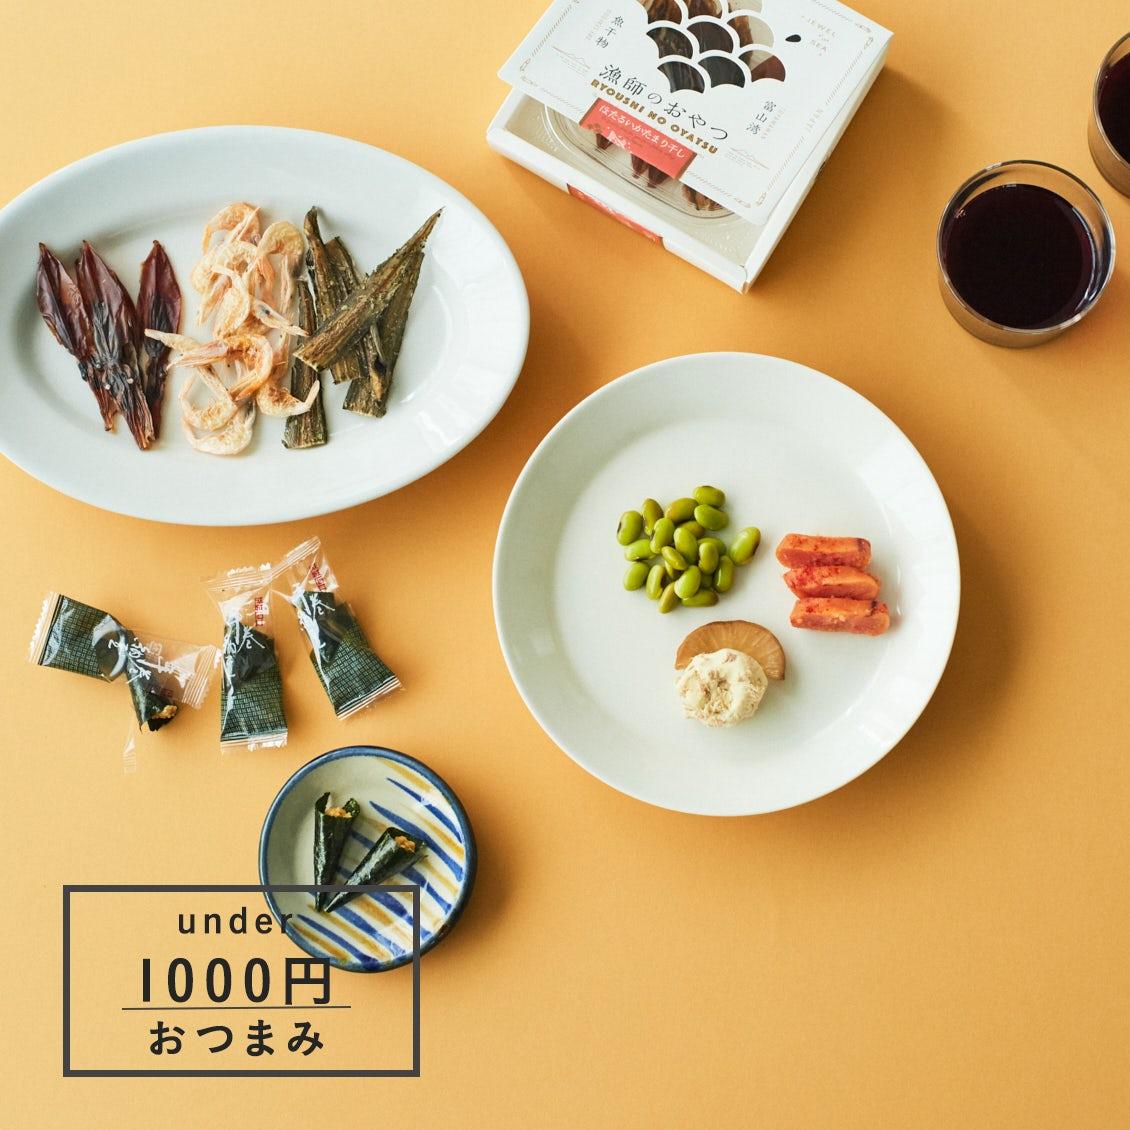 【ときめく手みやげ】開けたらすぐ食べられる、ユニークで美味しいおつまみ3選。